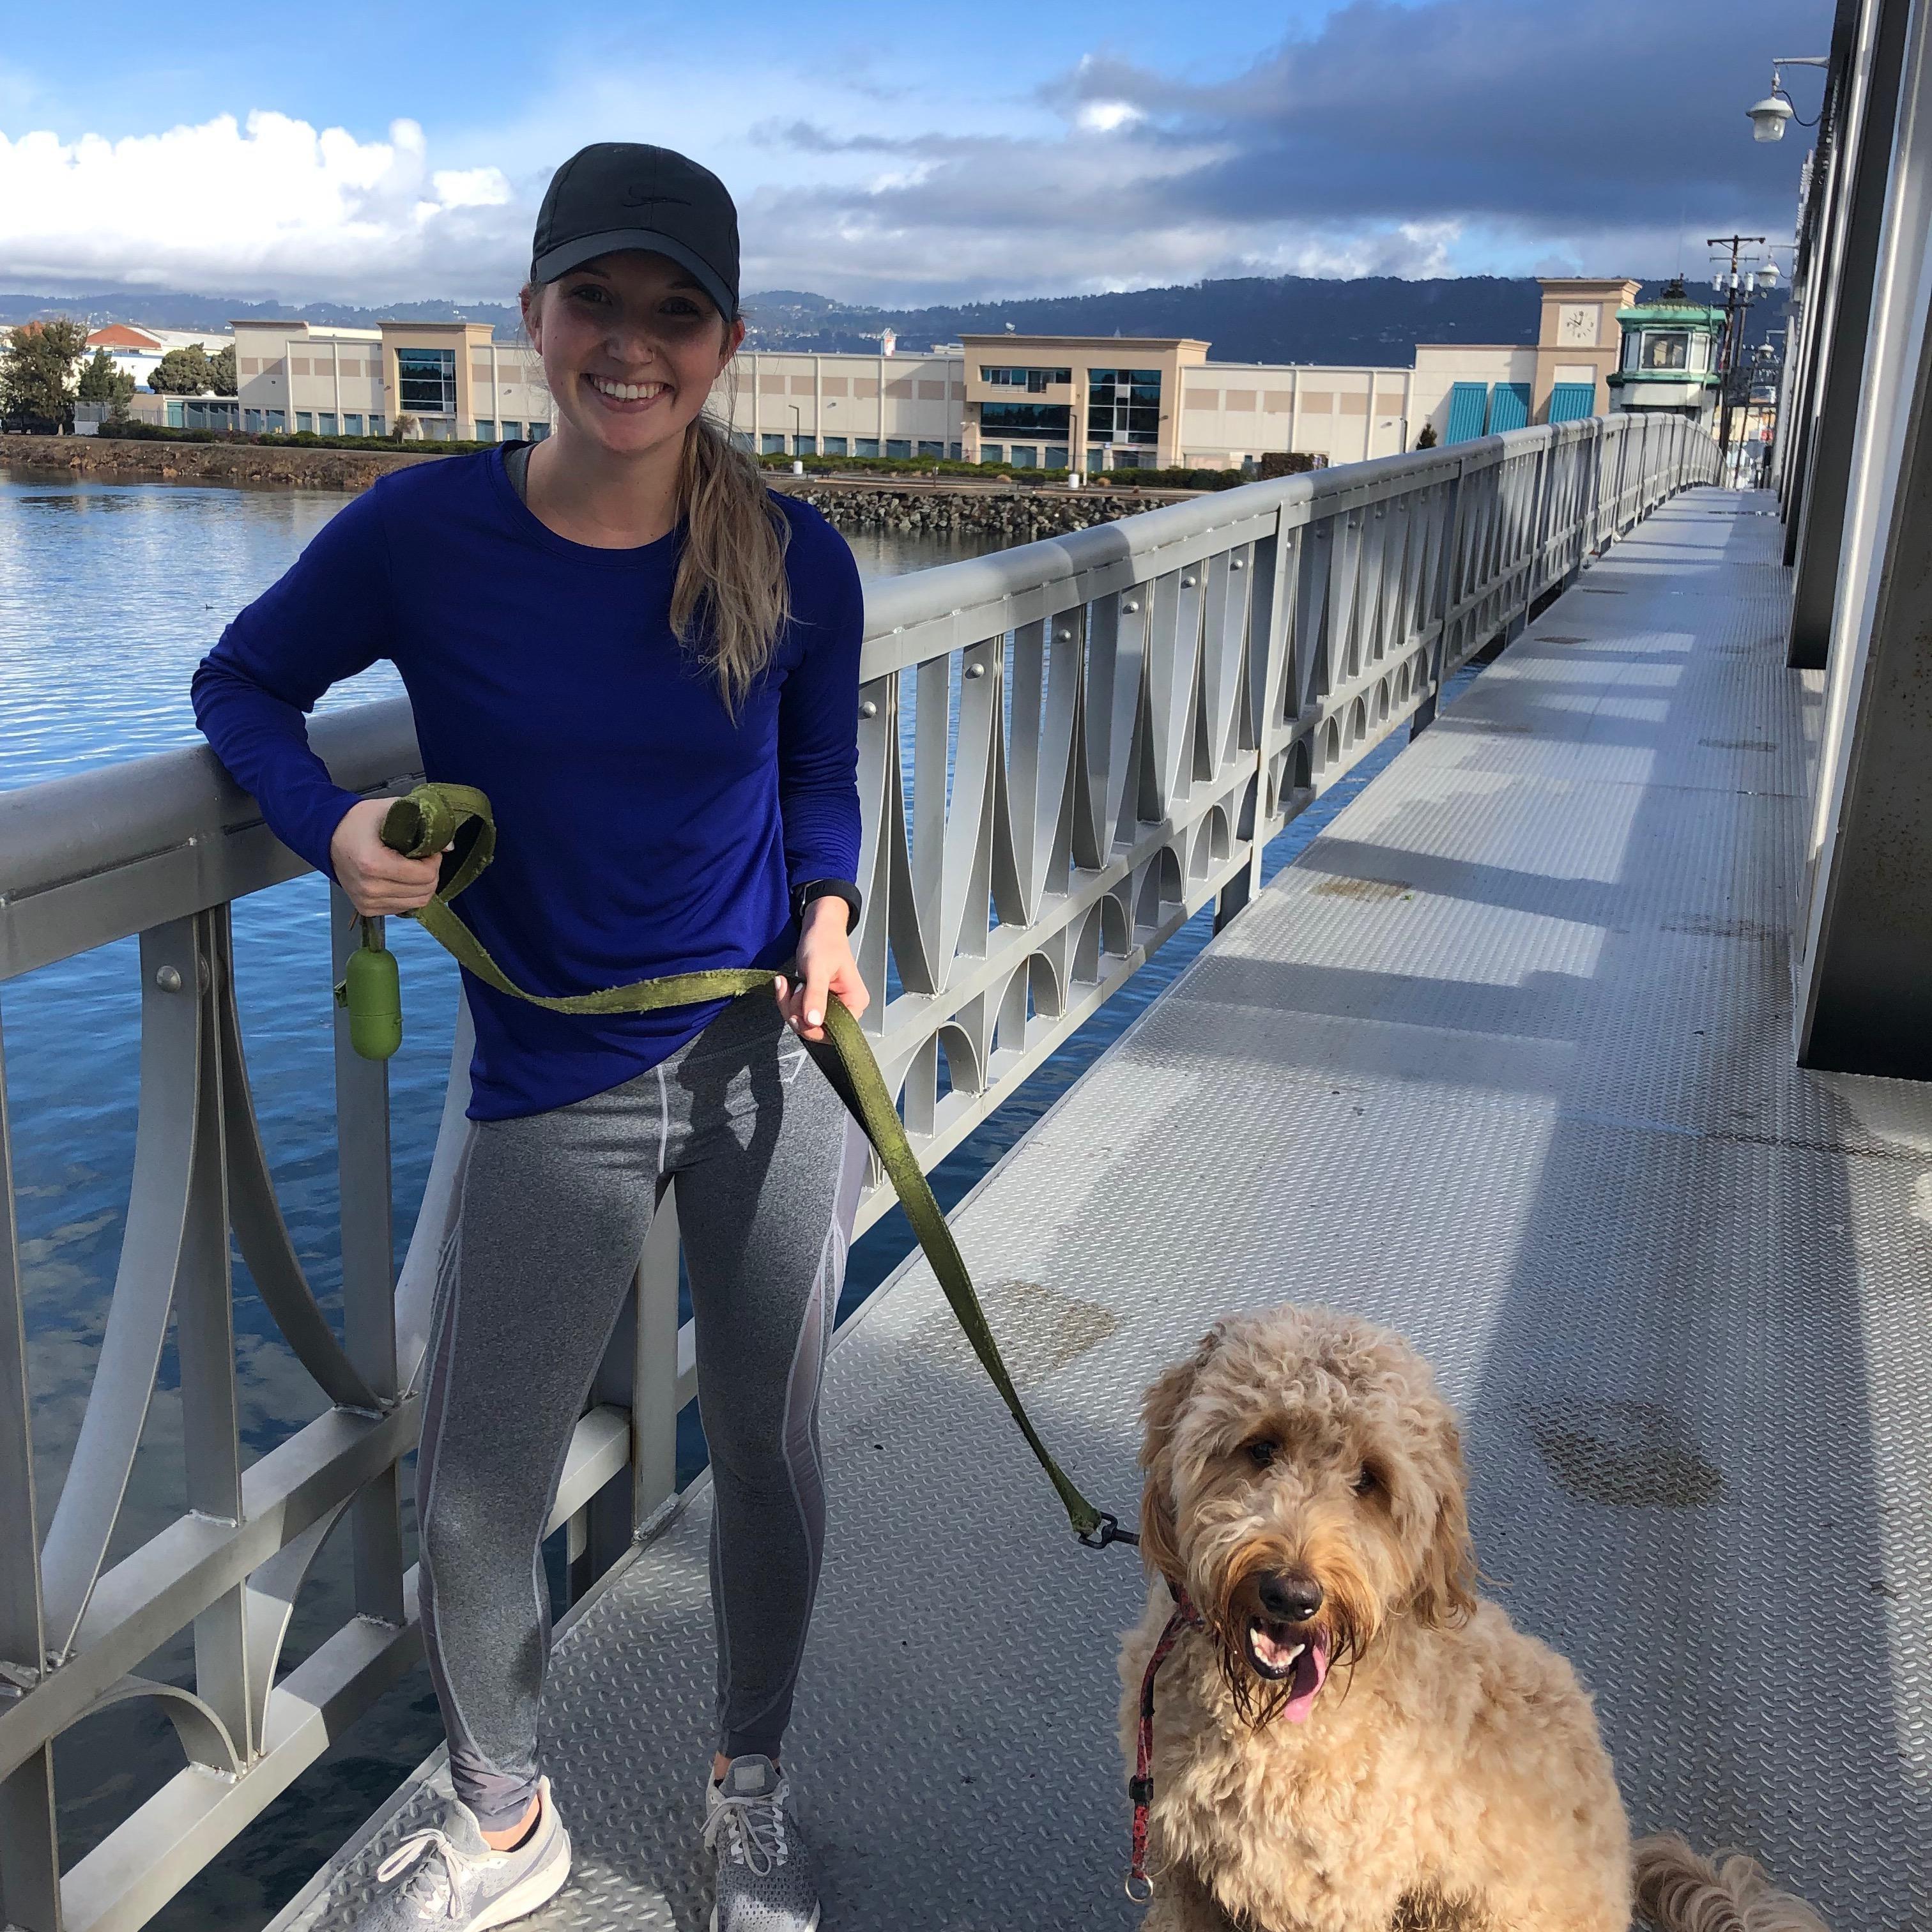 Samantha's dog boarding